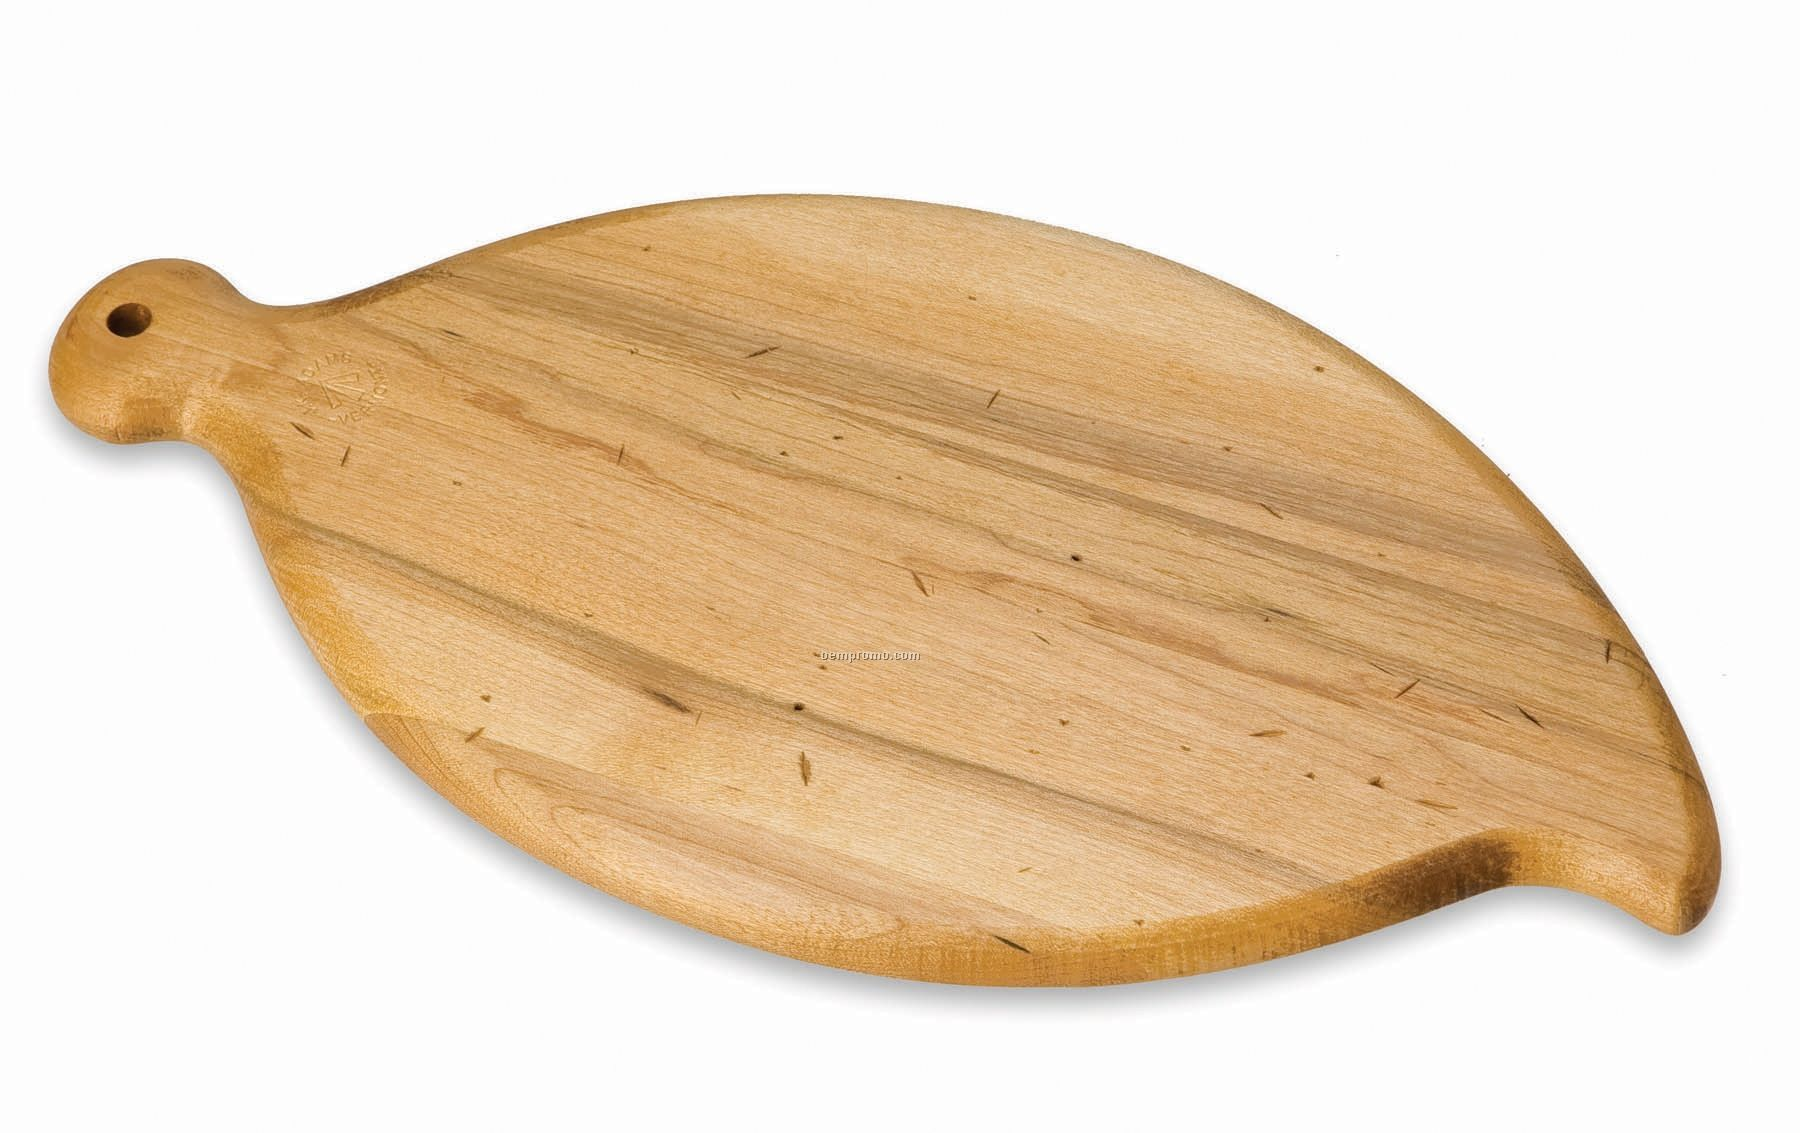 Artisan Board - Leaf Plank